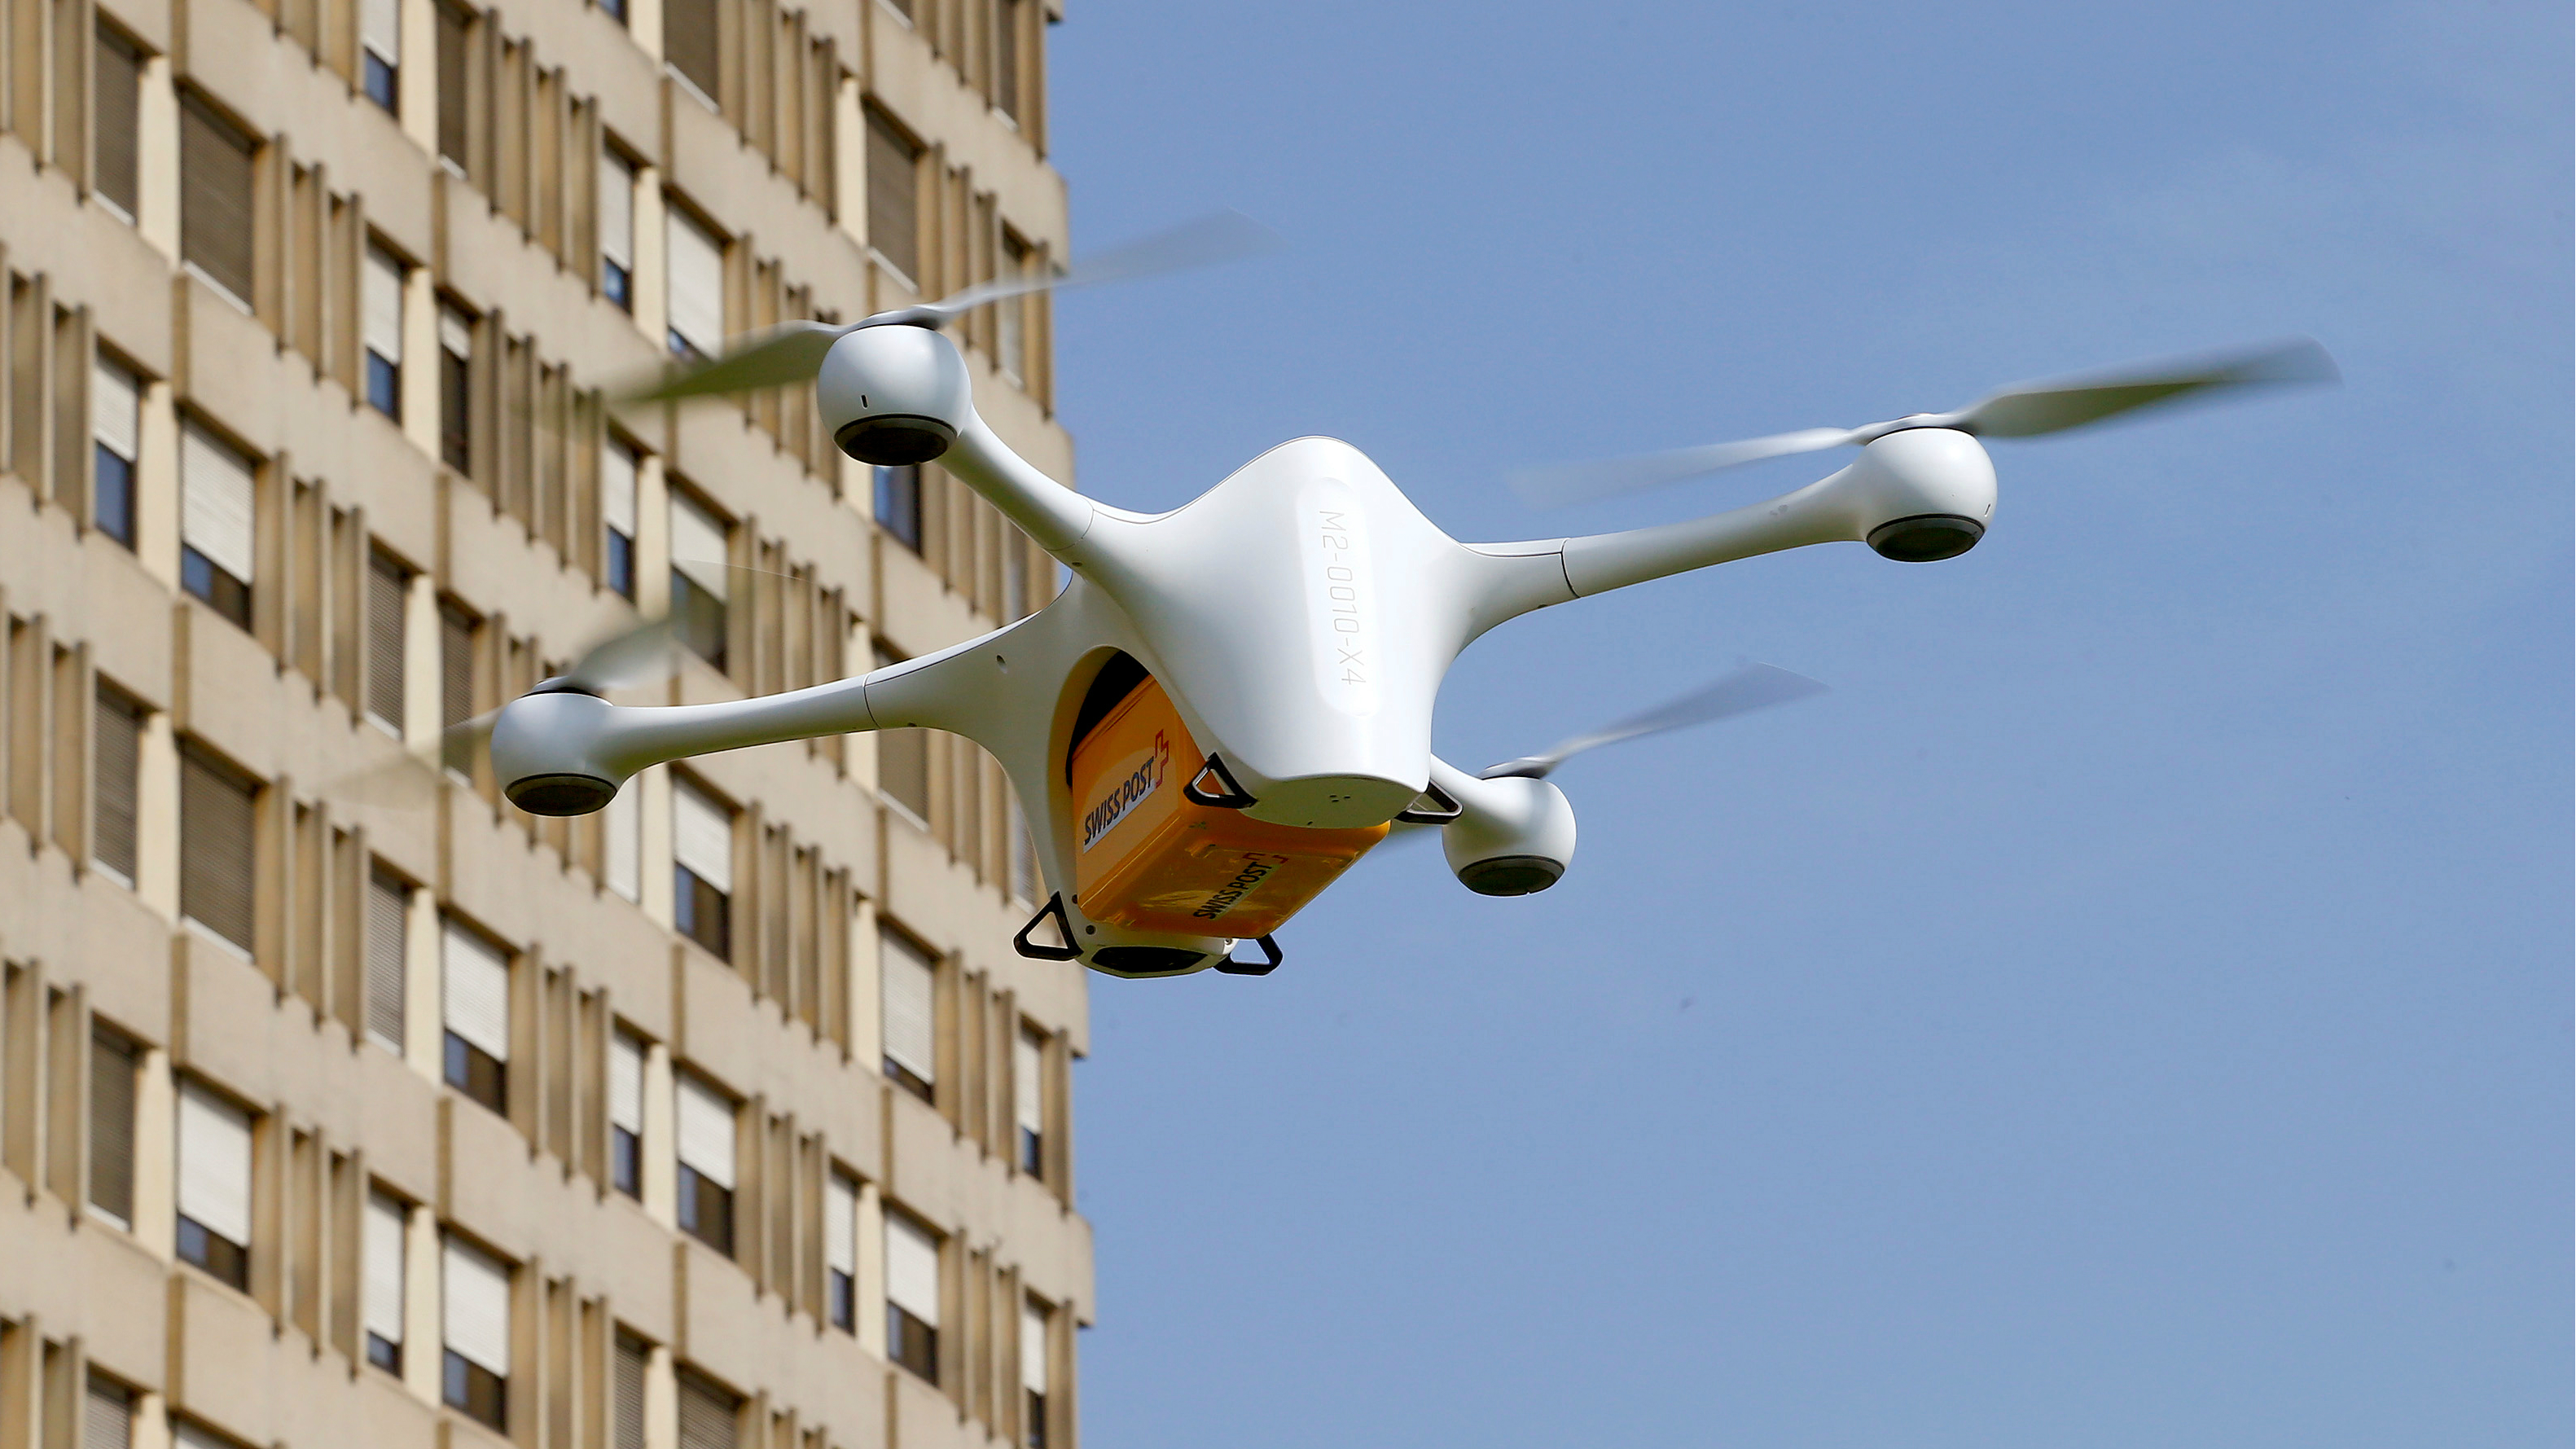 c-drone-RTX33IOB-Arnd Wiegmann